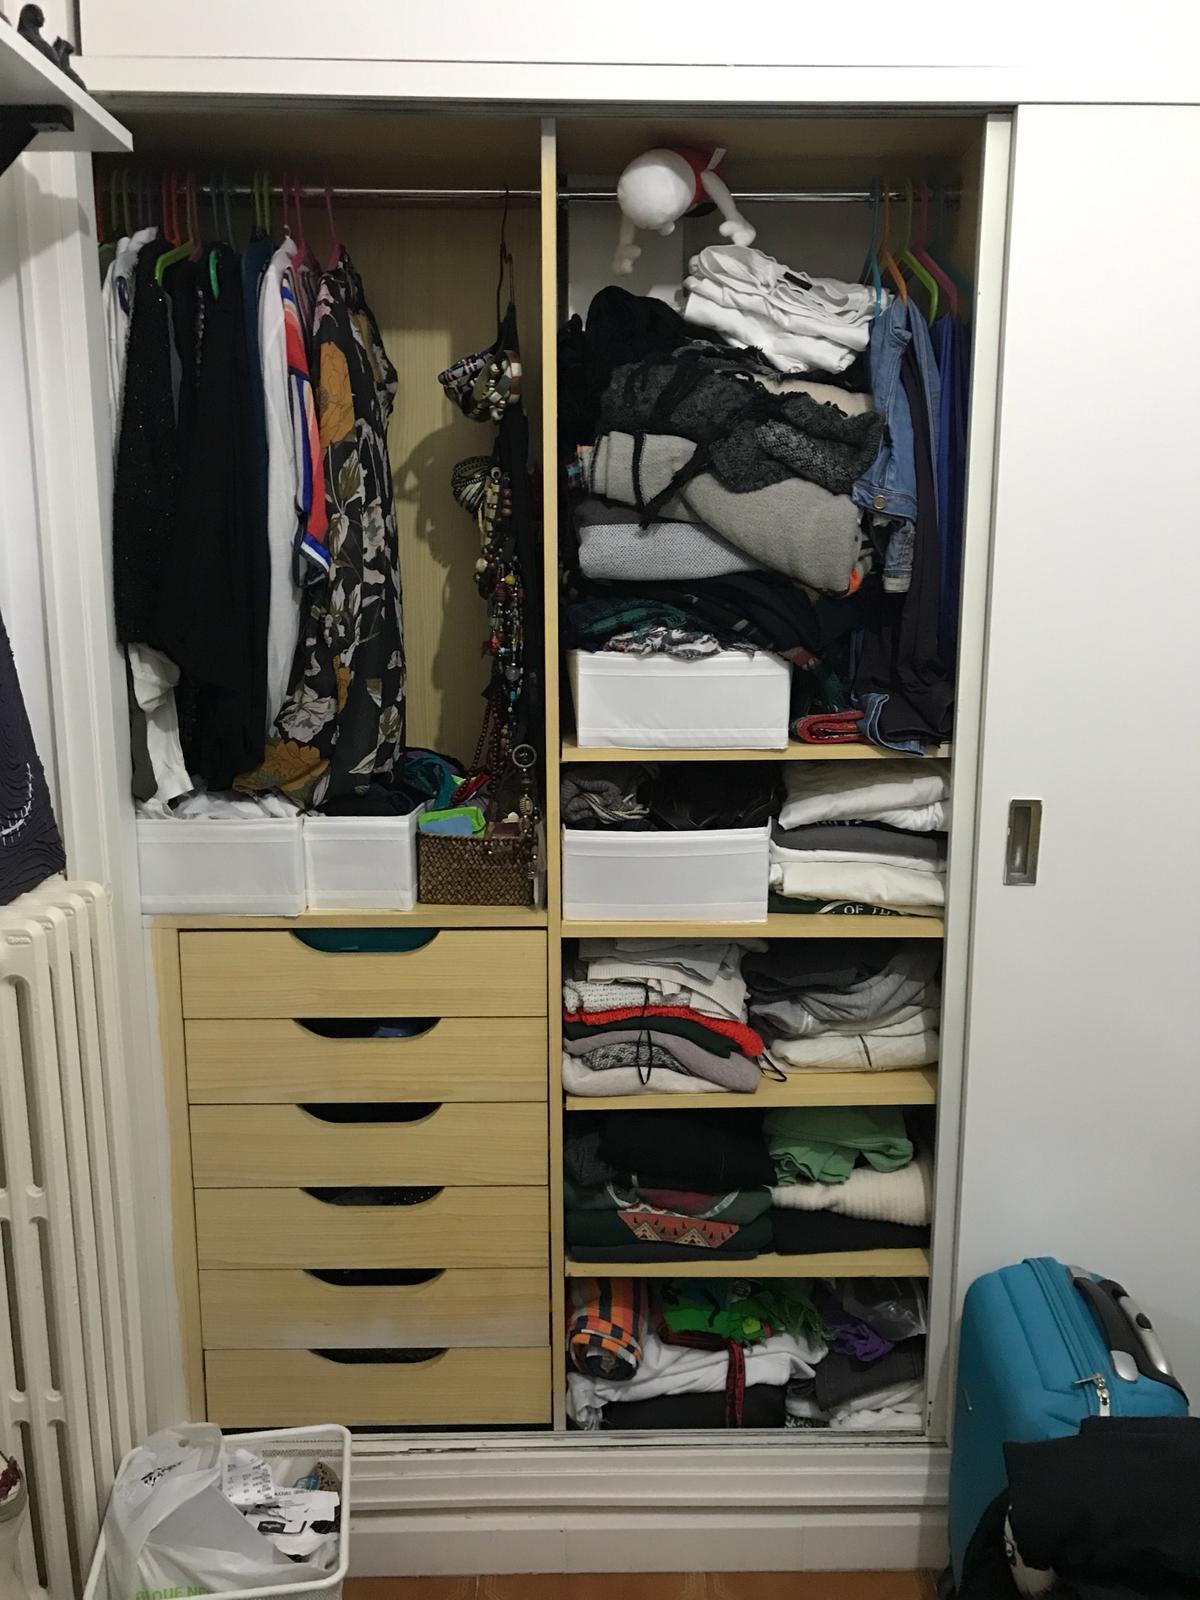 sesión de organización de armario completo.  El antes.